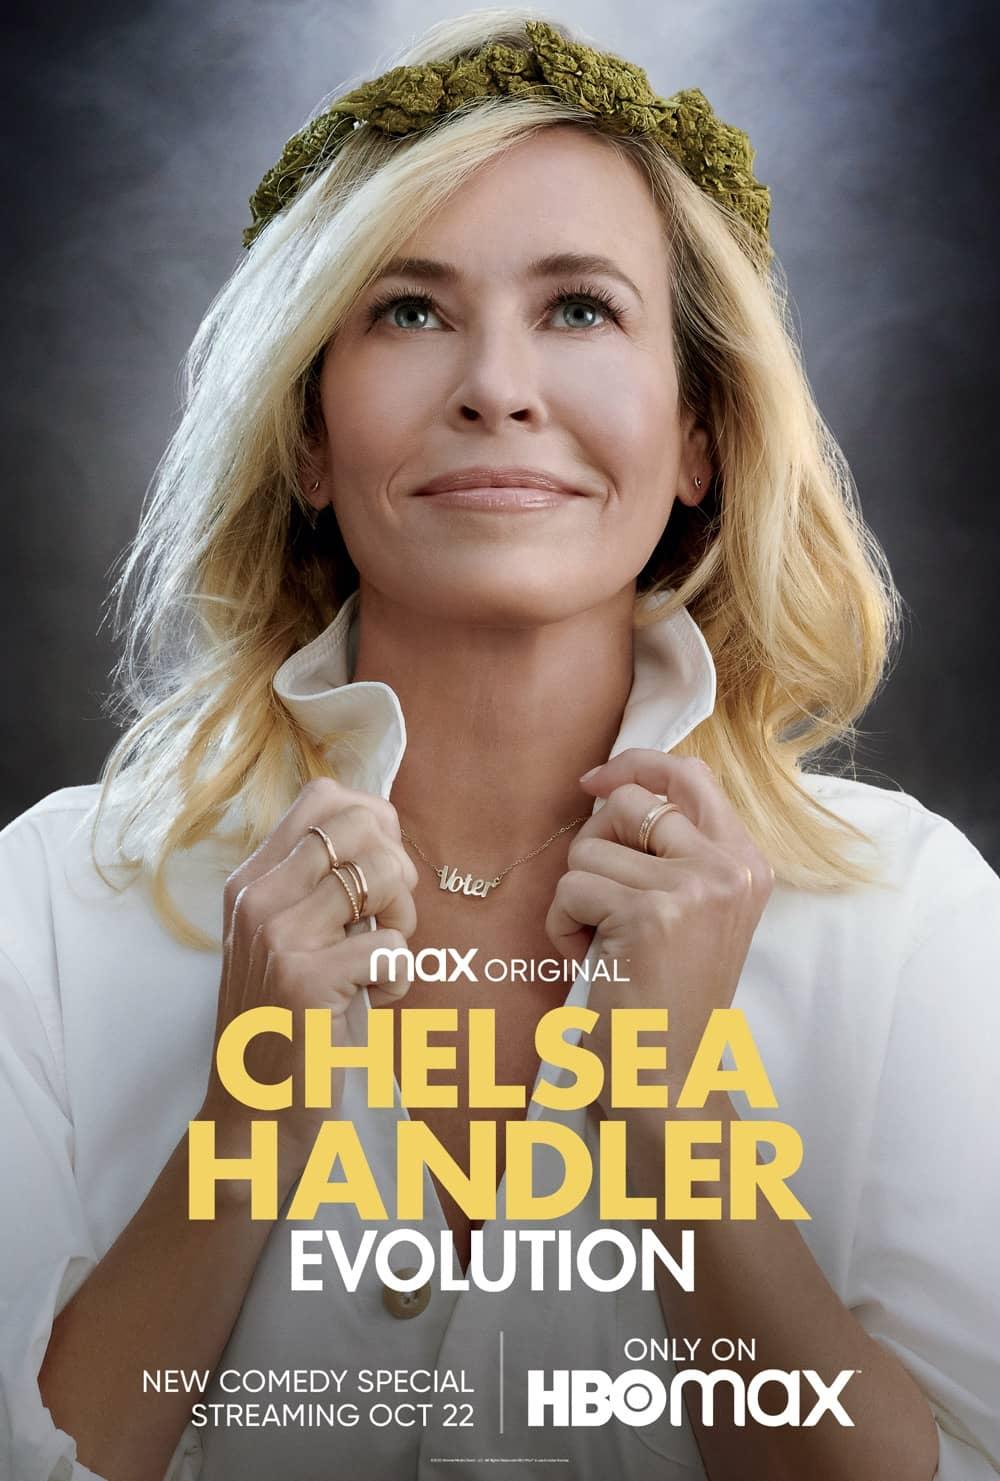 Chelsea Handler Evolution Key Art Poster HBO Max